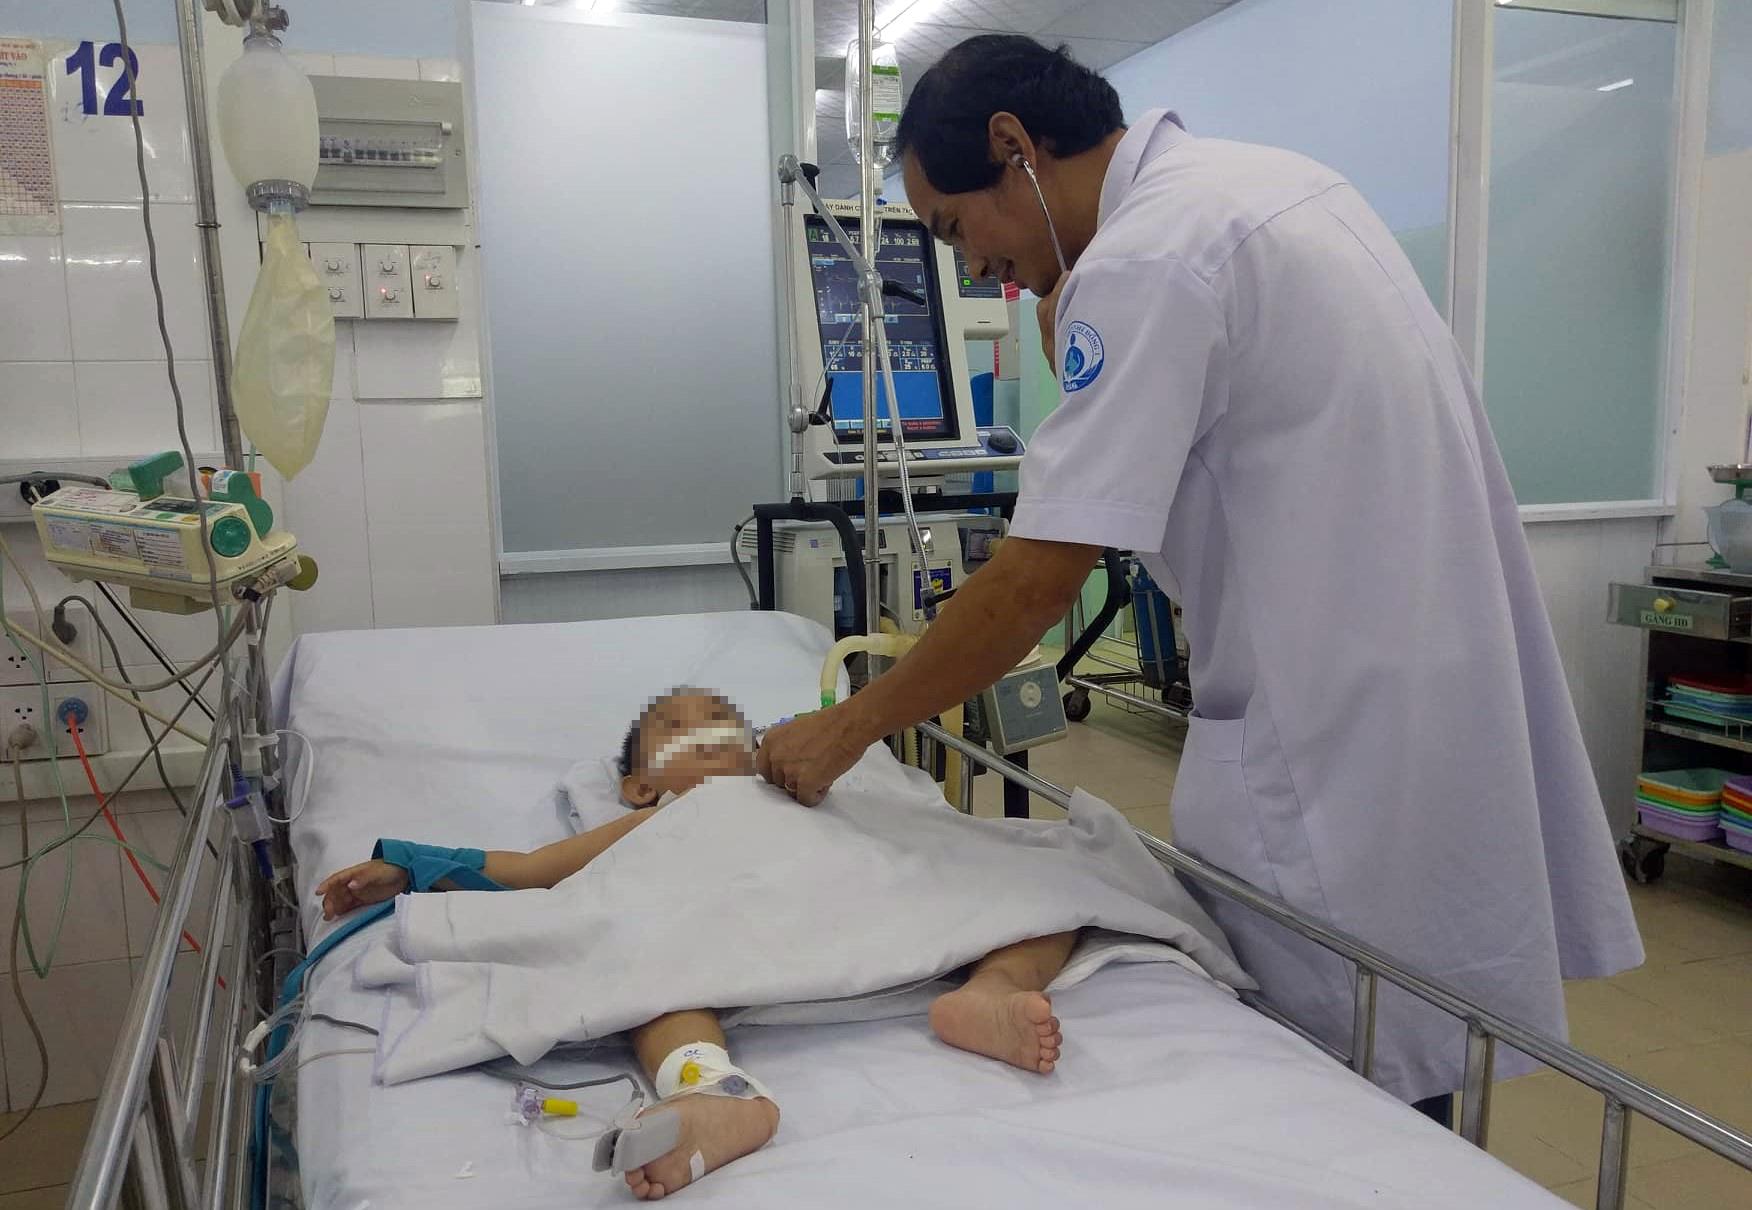 Bác sĩ Sài Gòn hội chẩn qua smartphone, cứu hai bé trai nguy kịch vì biến chứng bệnh tay chân miệng - Ảnh 1